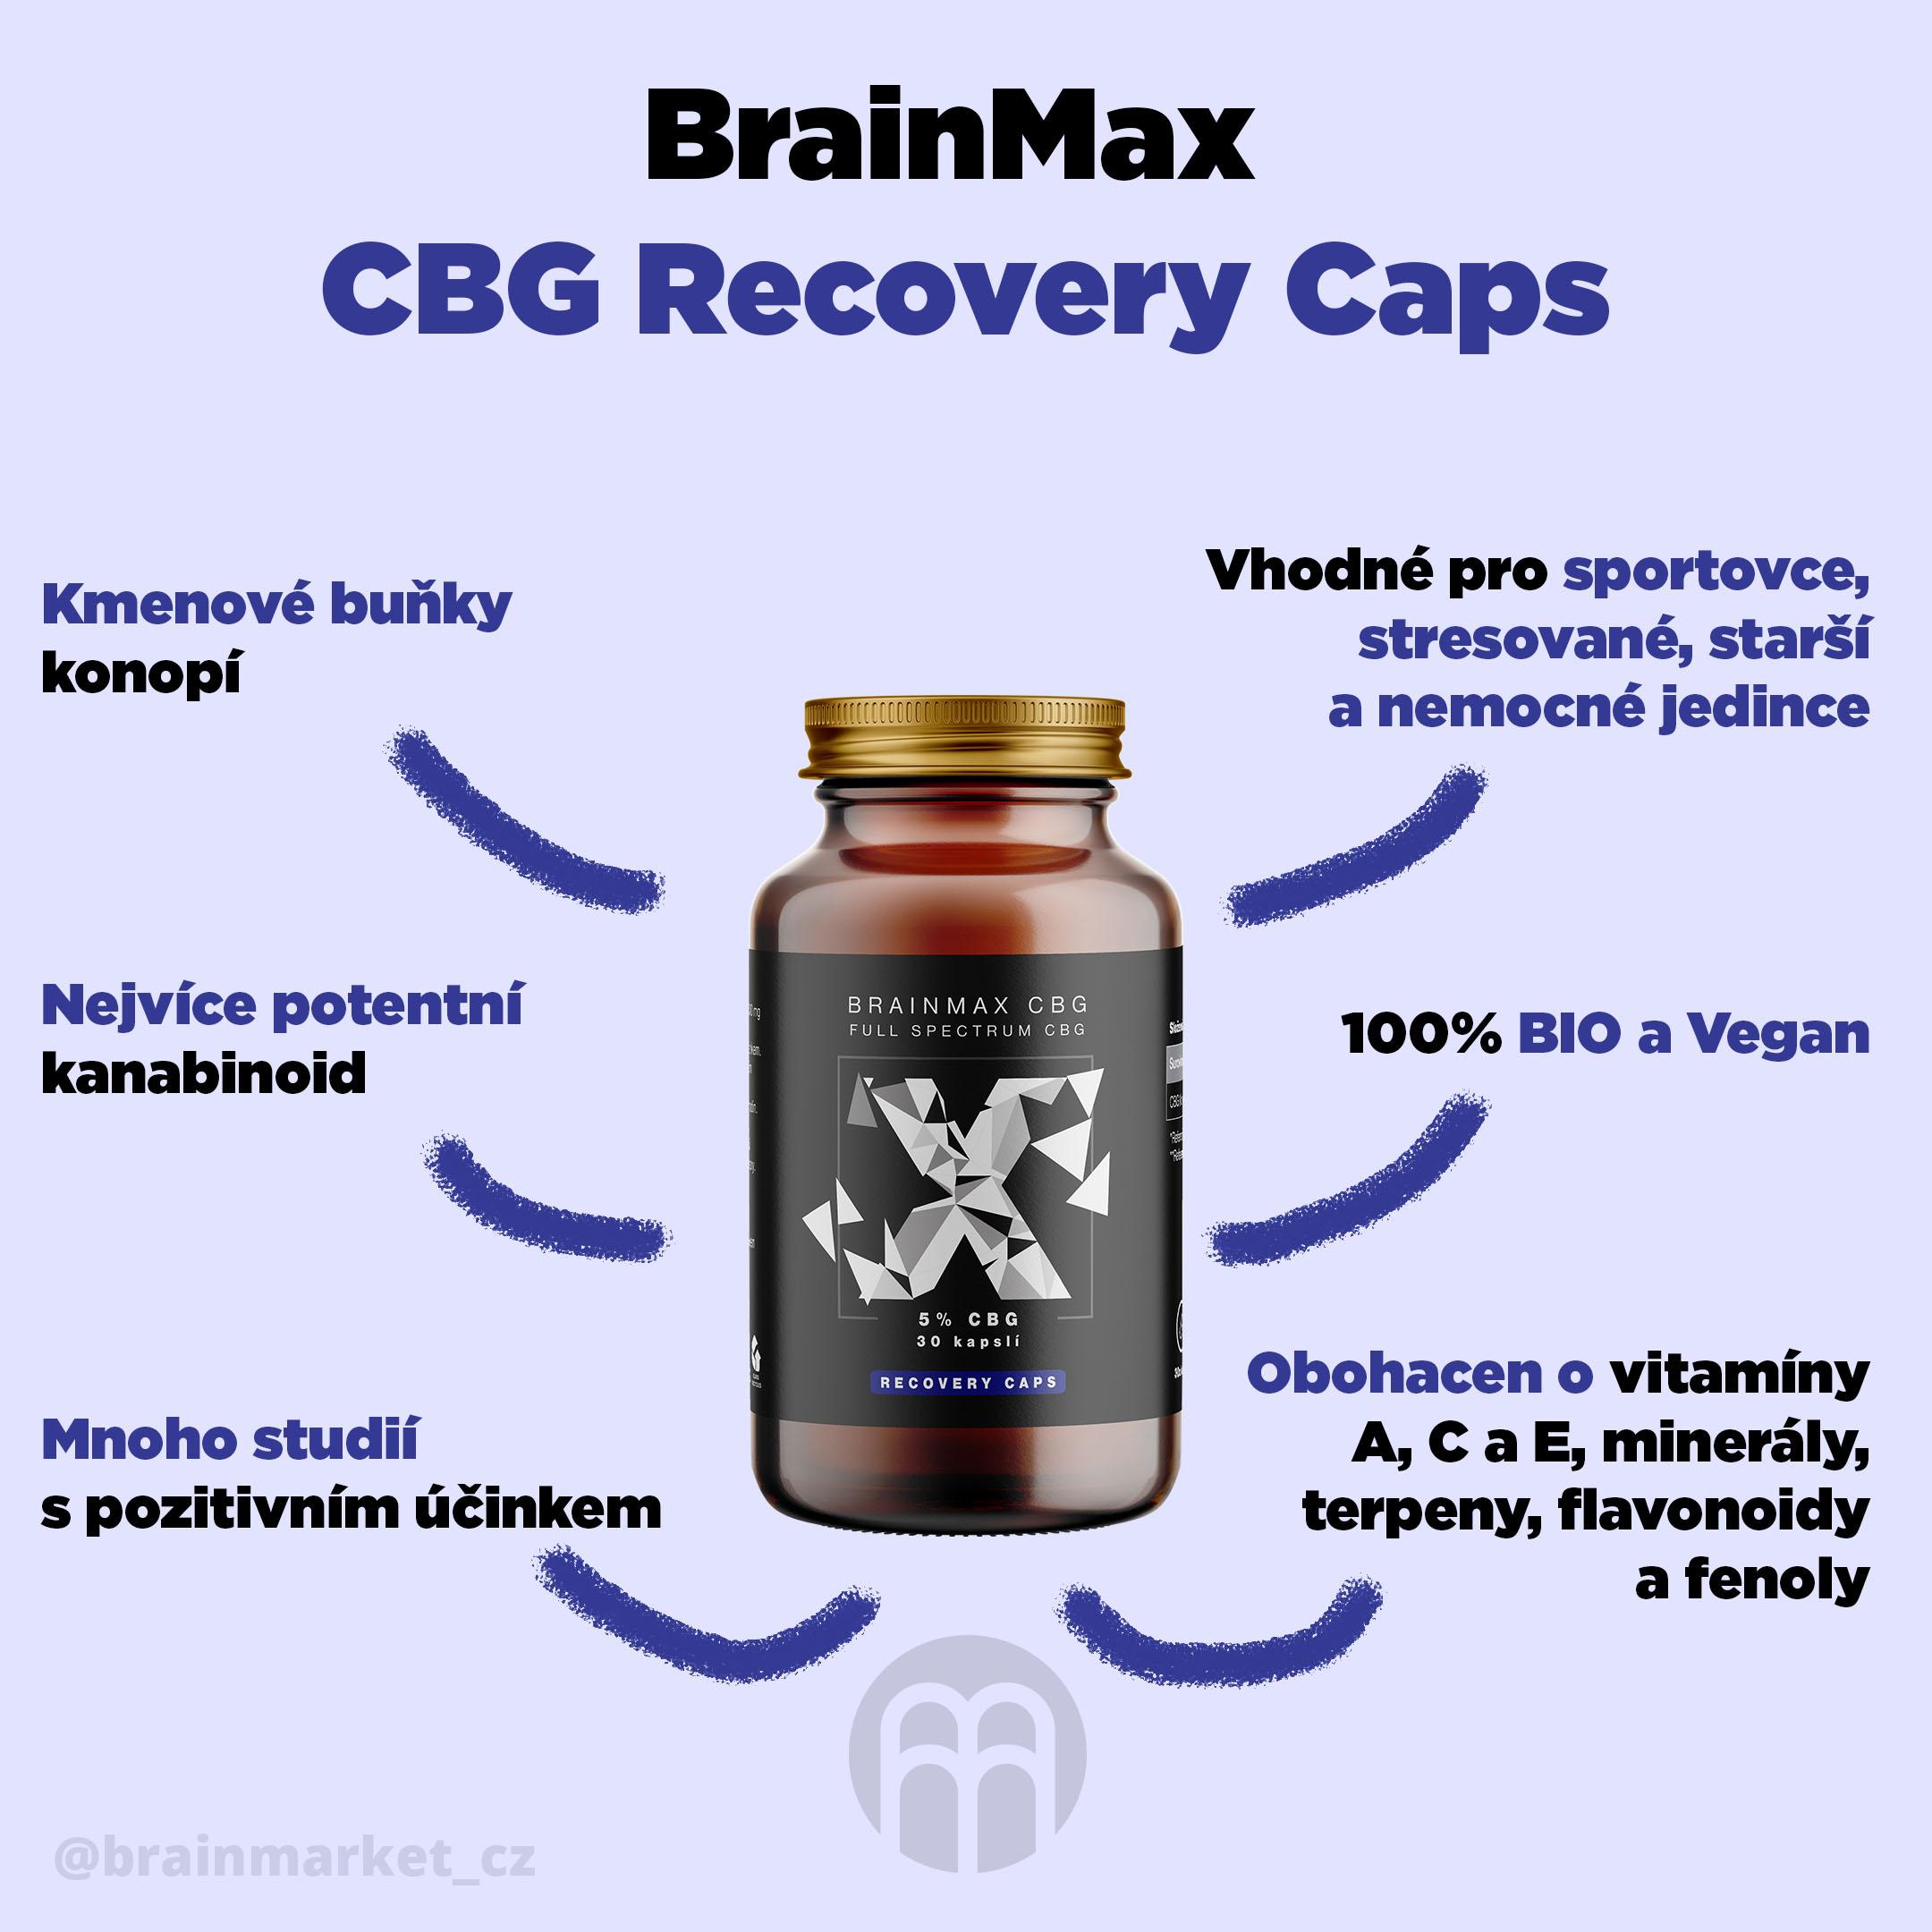 BrainMax CBG Recovery Caps 5%, 16mg, 30 rostlinných kapslí